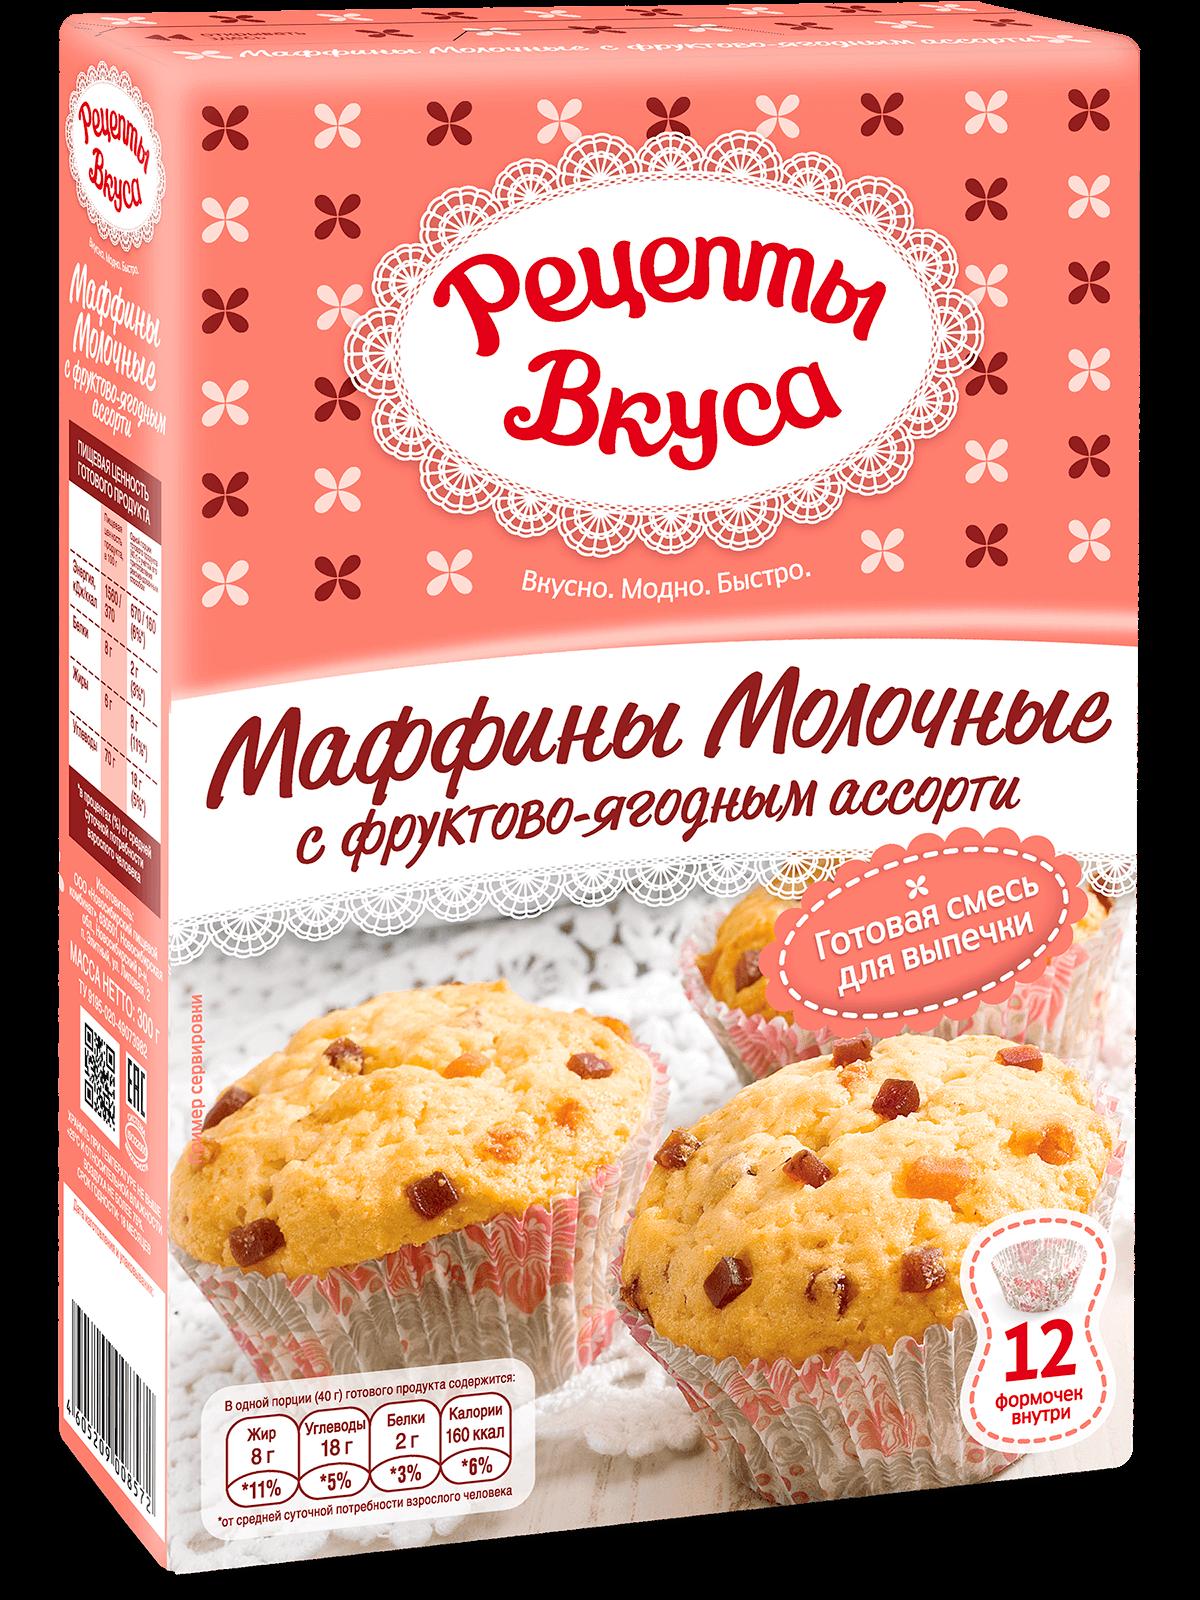 Смесь Маффины молочные с фруктово-ягодным ассорти Рецепты вкуса 300г.